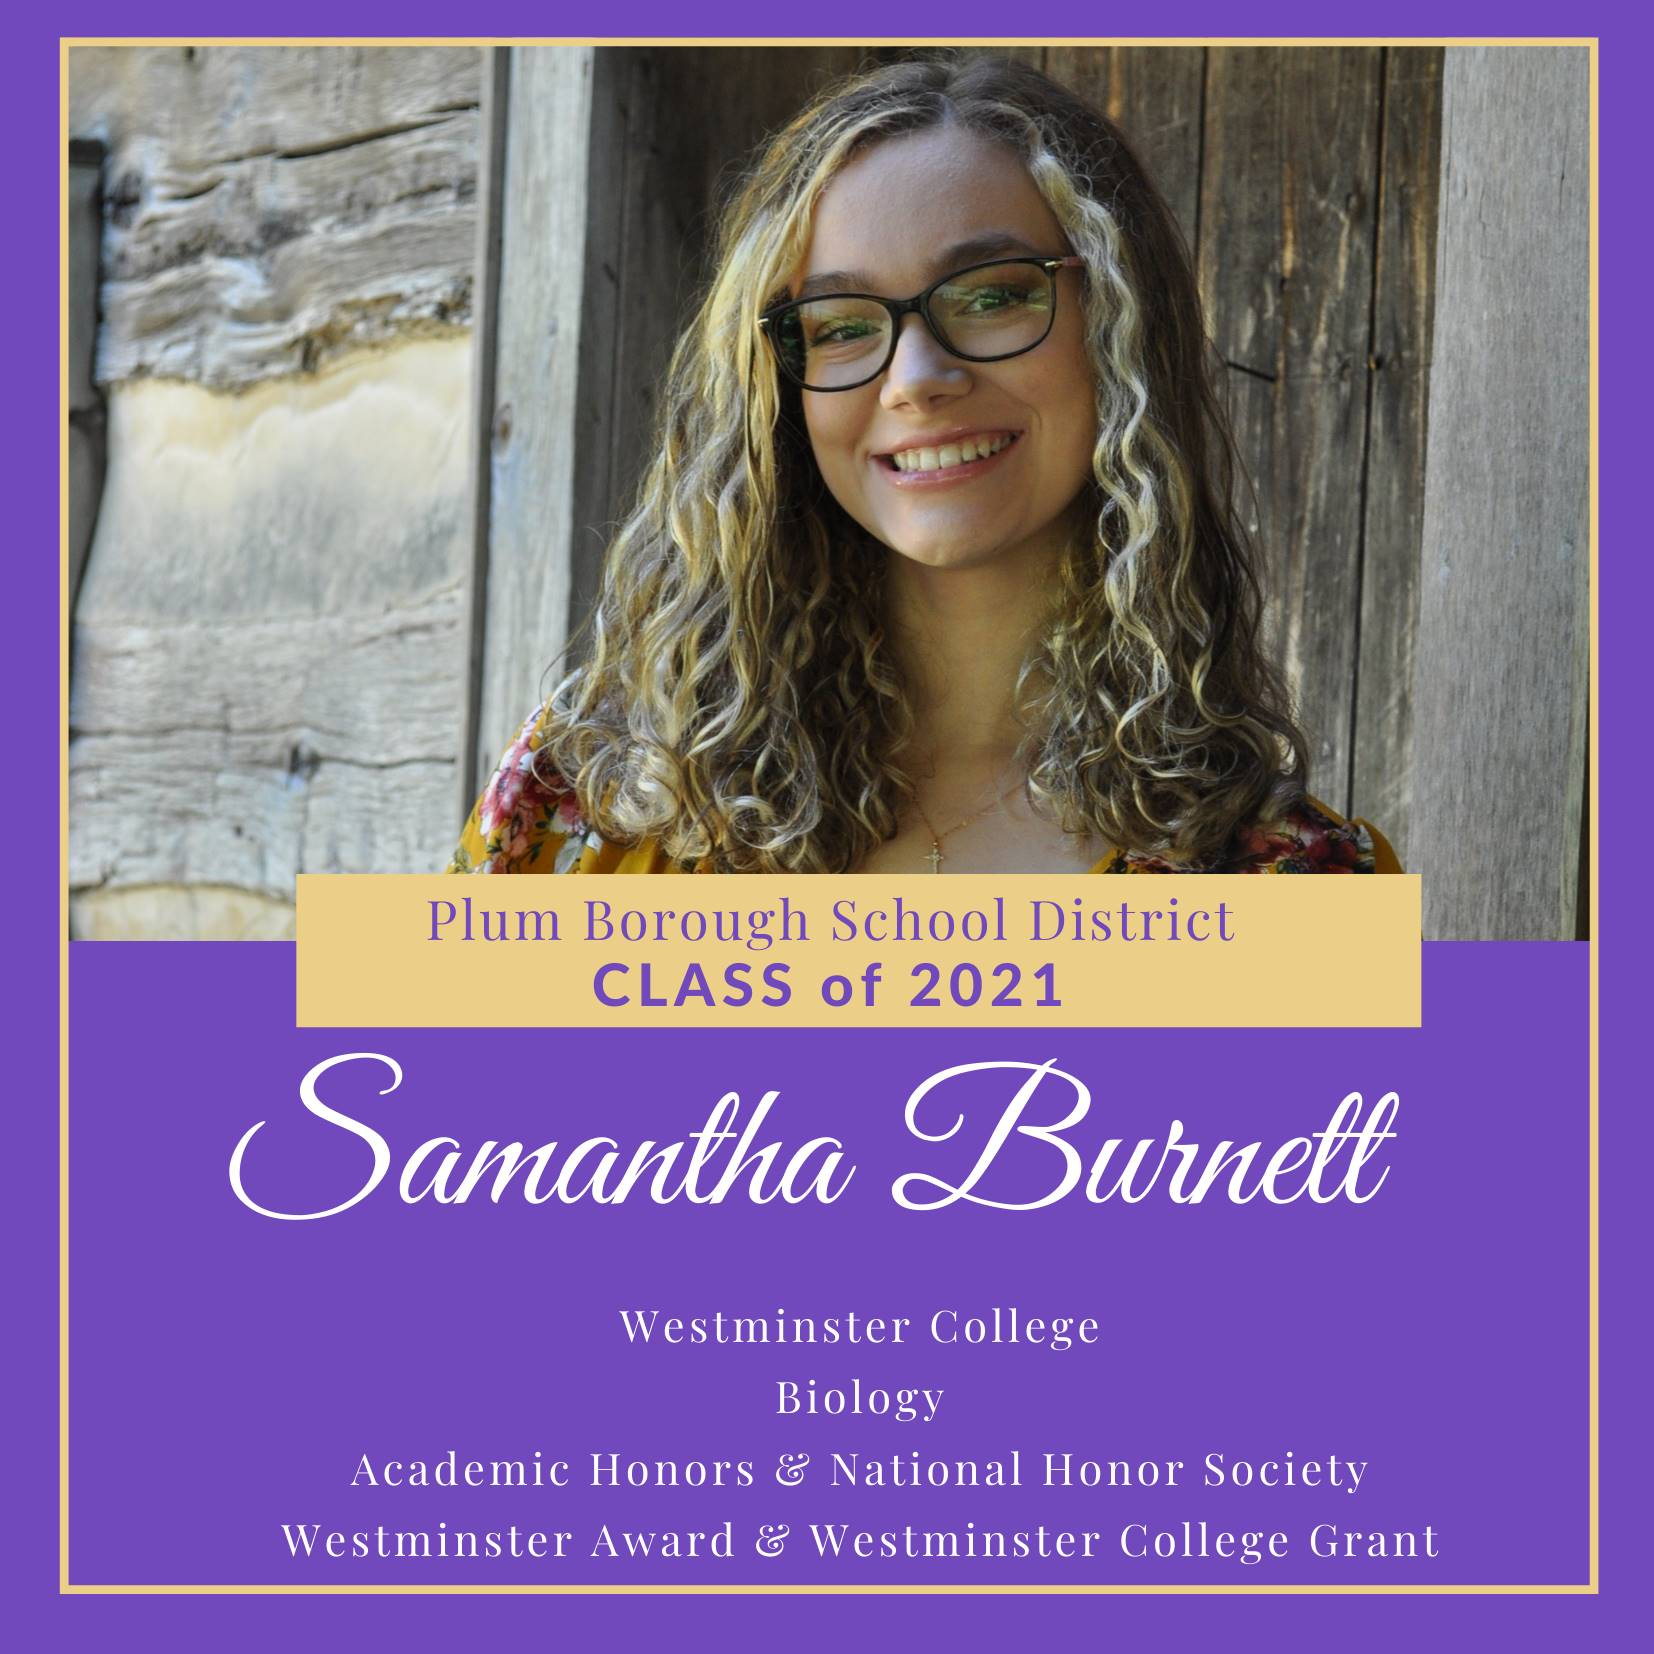 Congratulations to Samantha Burnett, Class of 2021!